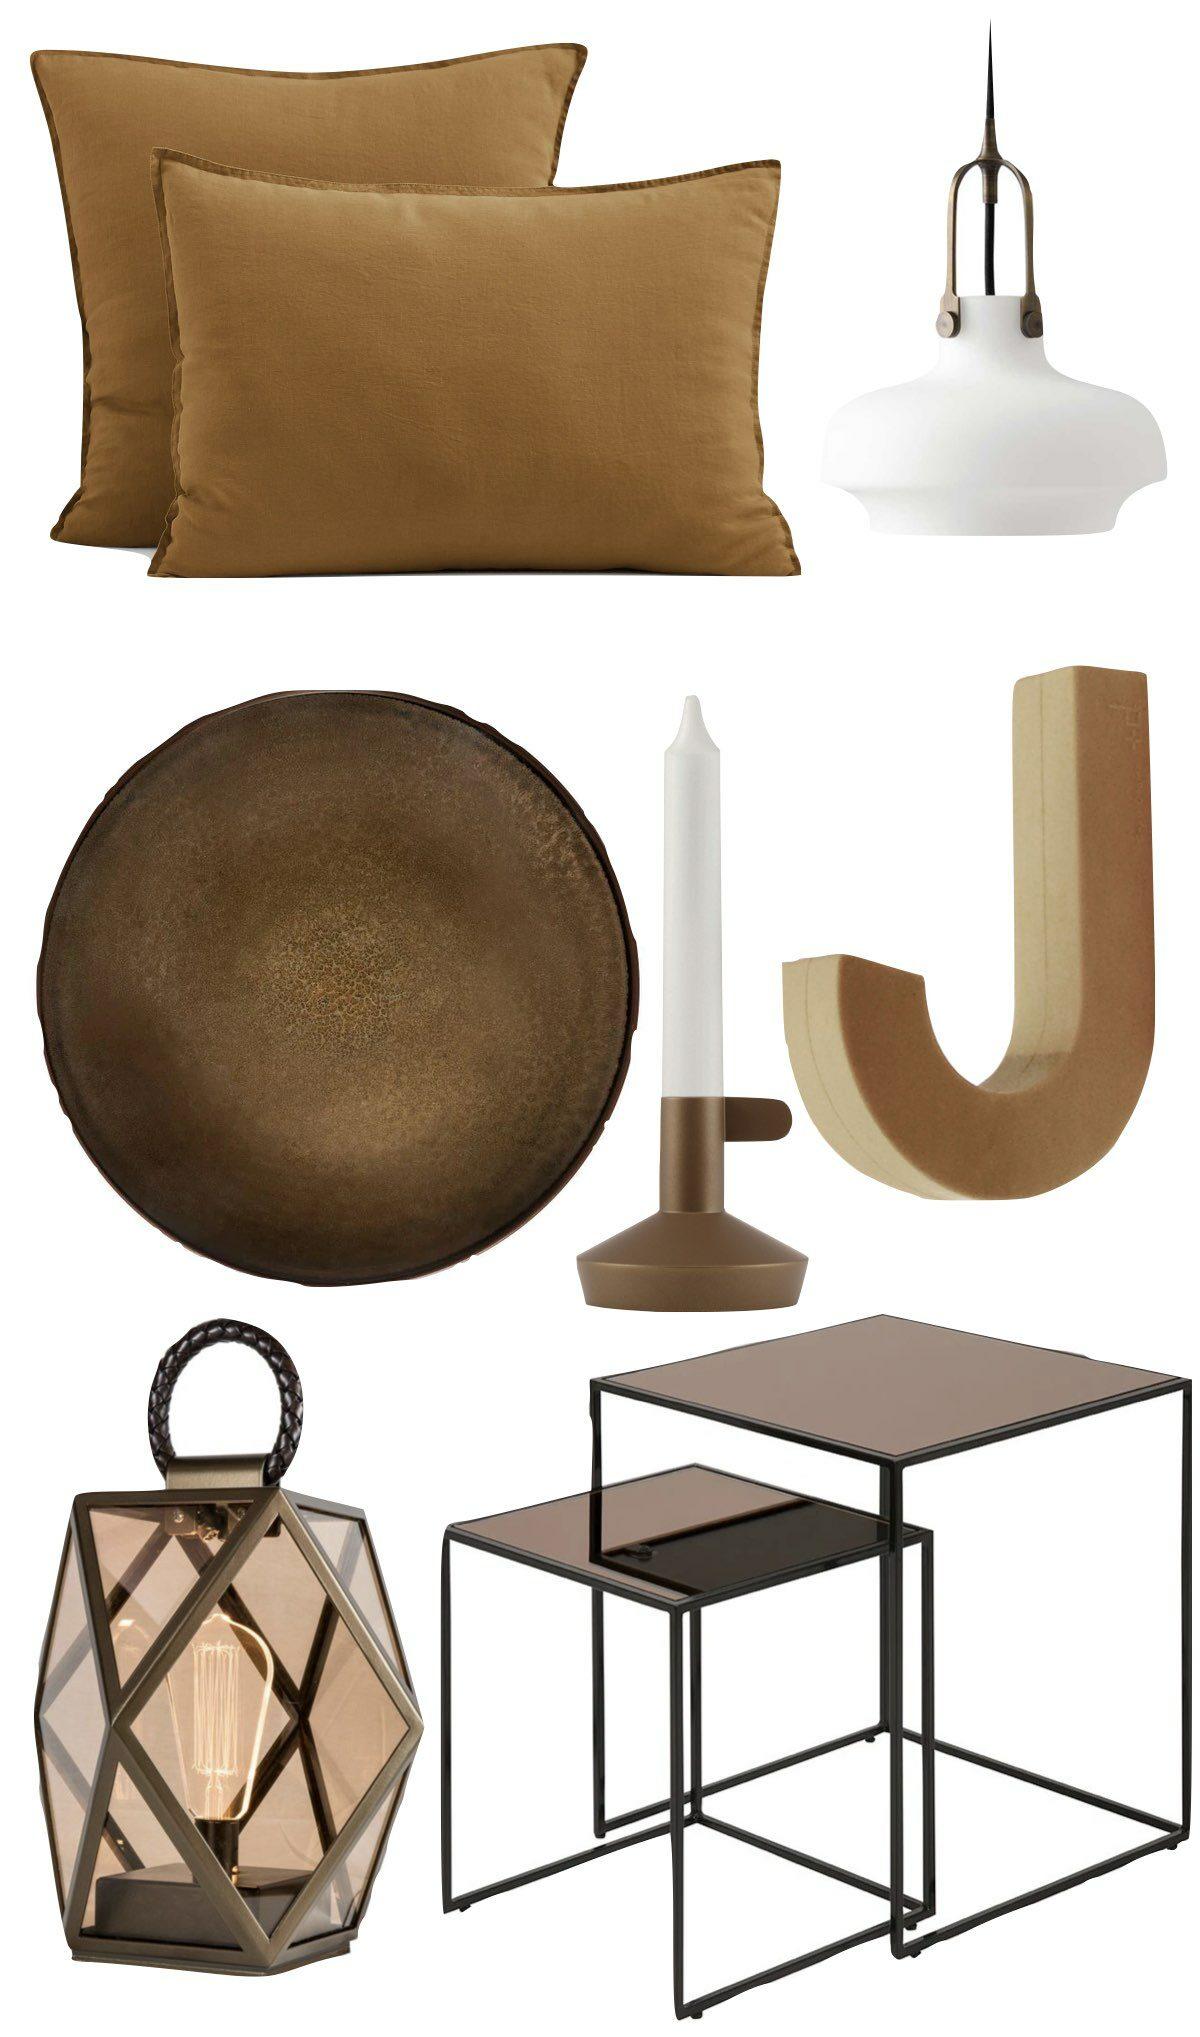 déco bronze couverts original blog décoration architecture intérieur - clem around the corner